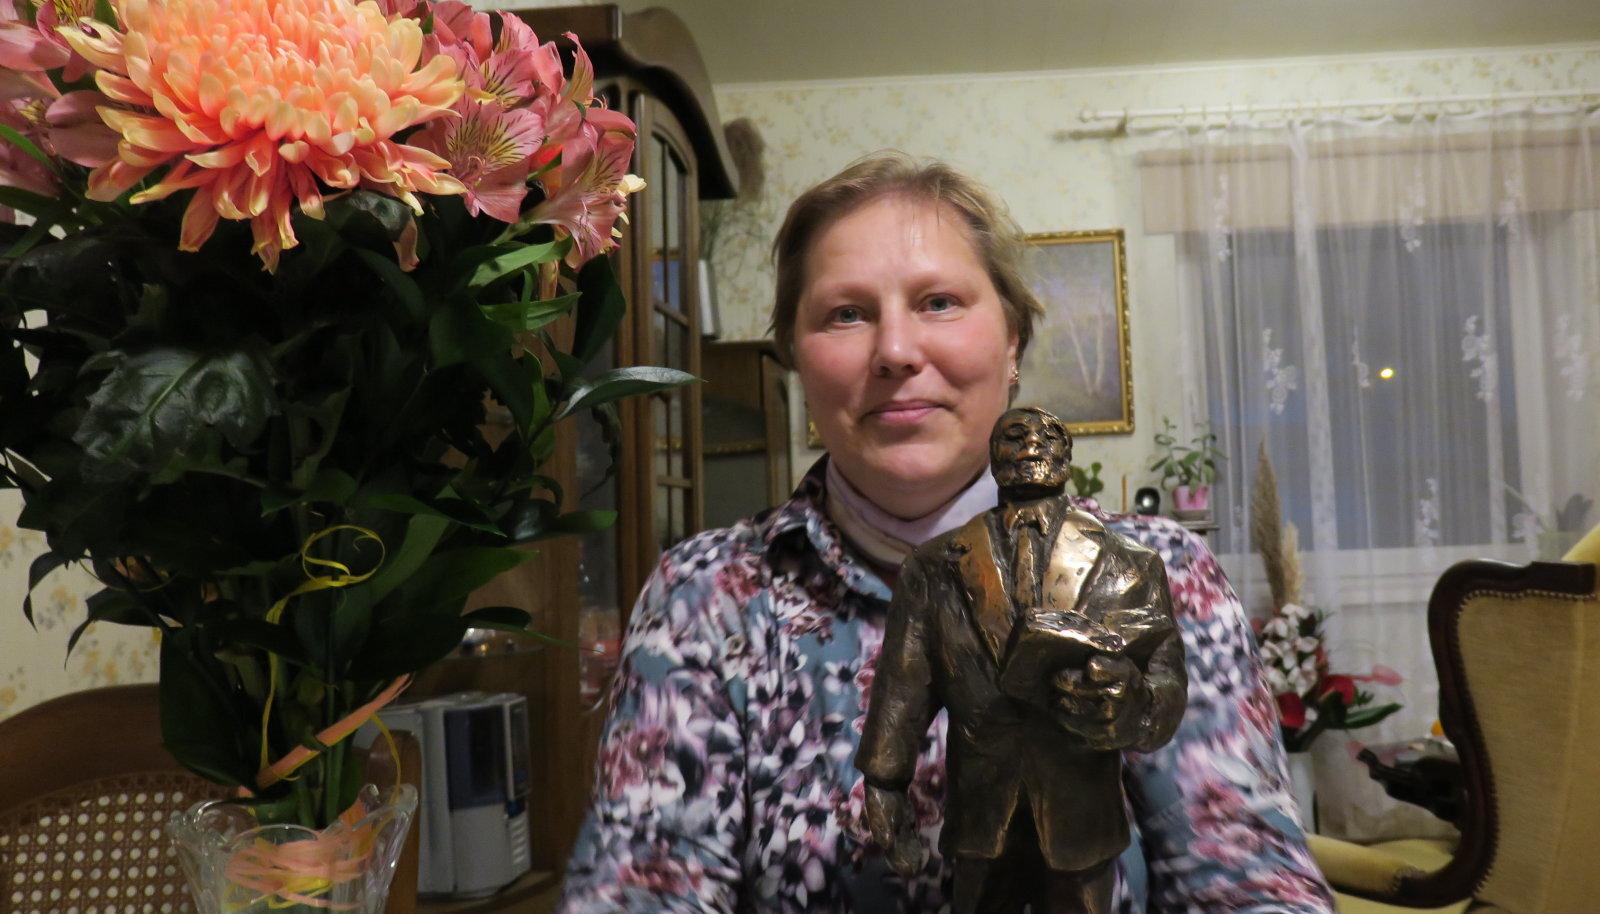 JKHK õpetaja Kaja Marrandi sai tänavu parima maamajanduseriala õpetaja tiitli ning seda kinnitama õpetaja Lauri kuju.